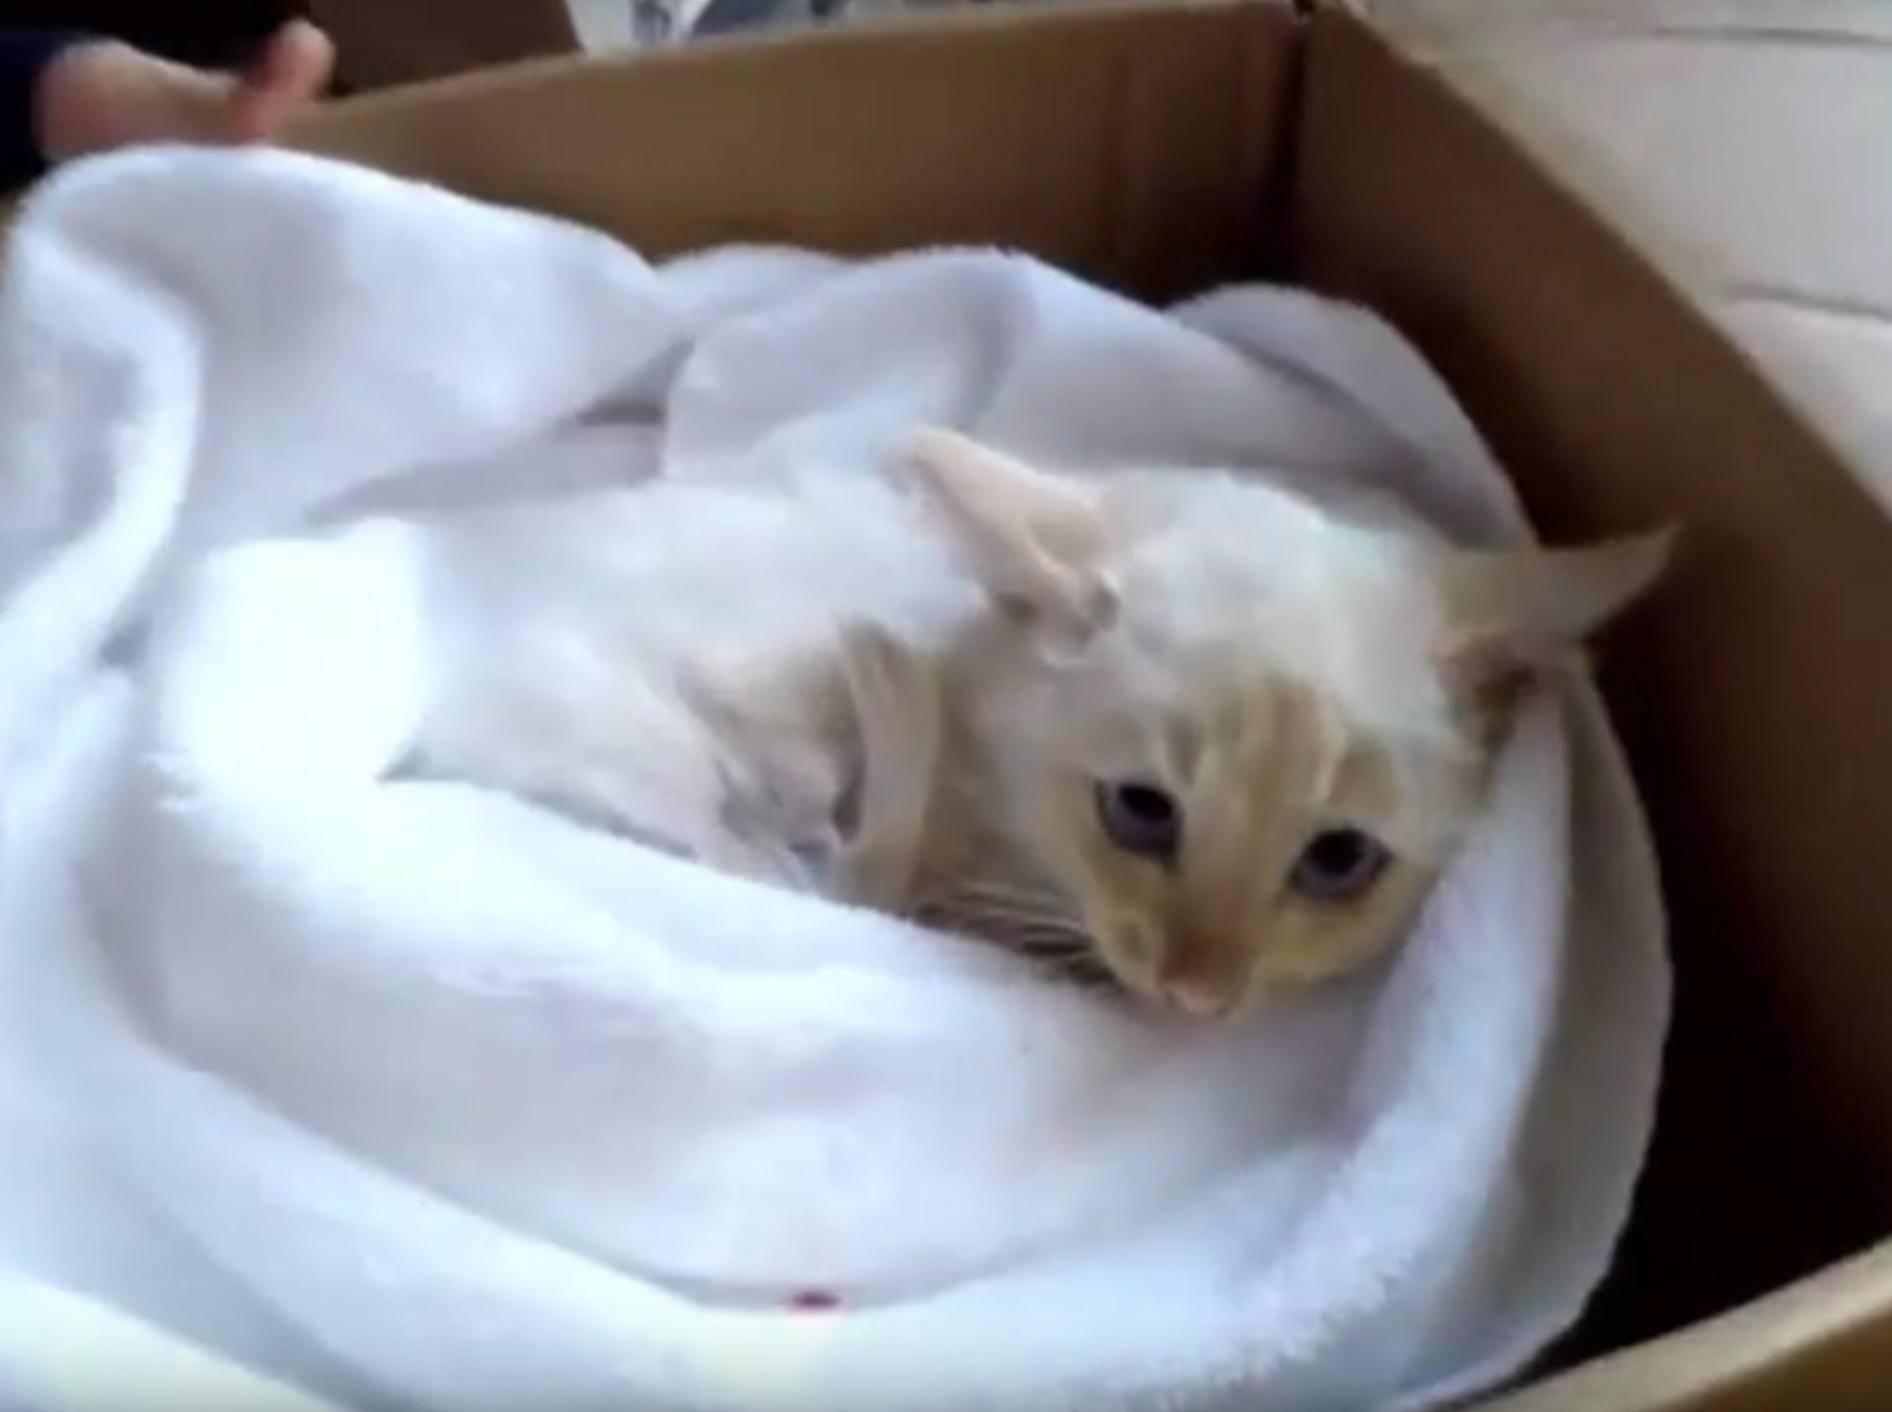 Kätzchen Lazarus wurde in letzter Sekunde vorm Erfrieren gerettet – YouTube / Inside Edition via Brandon Bingham